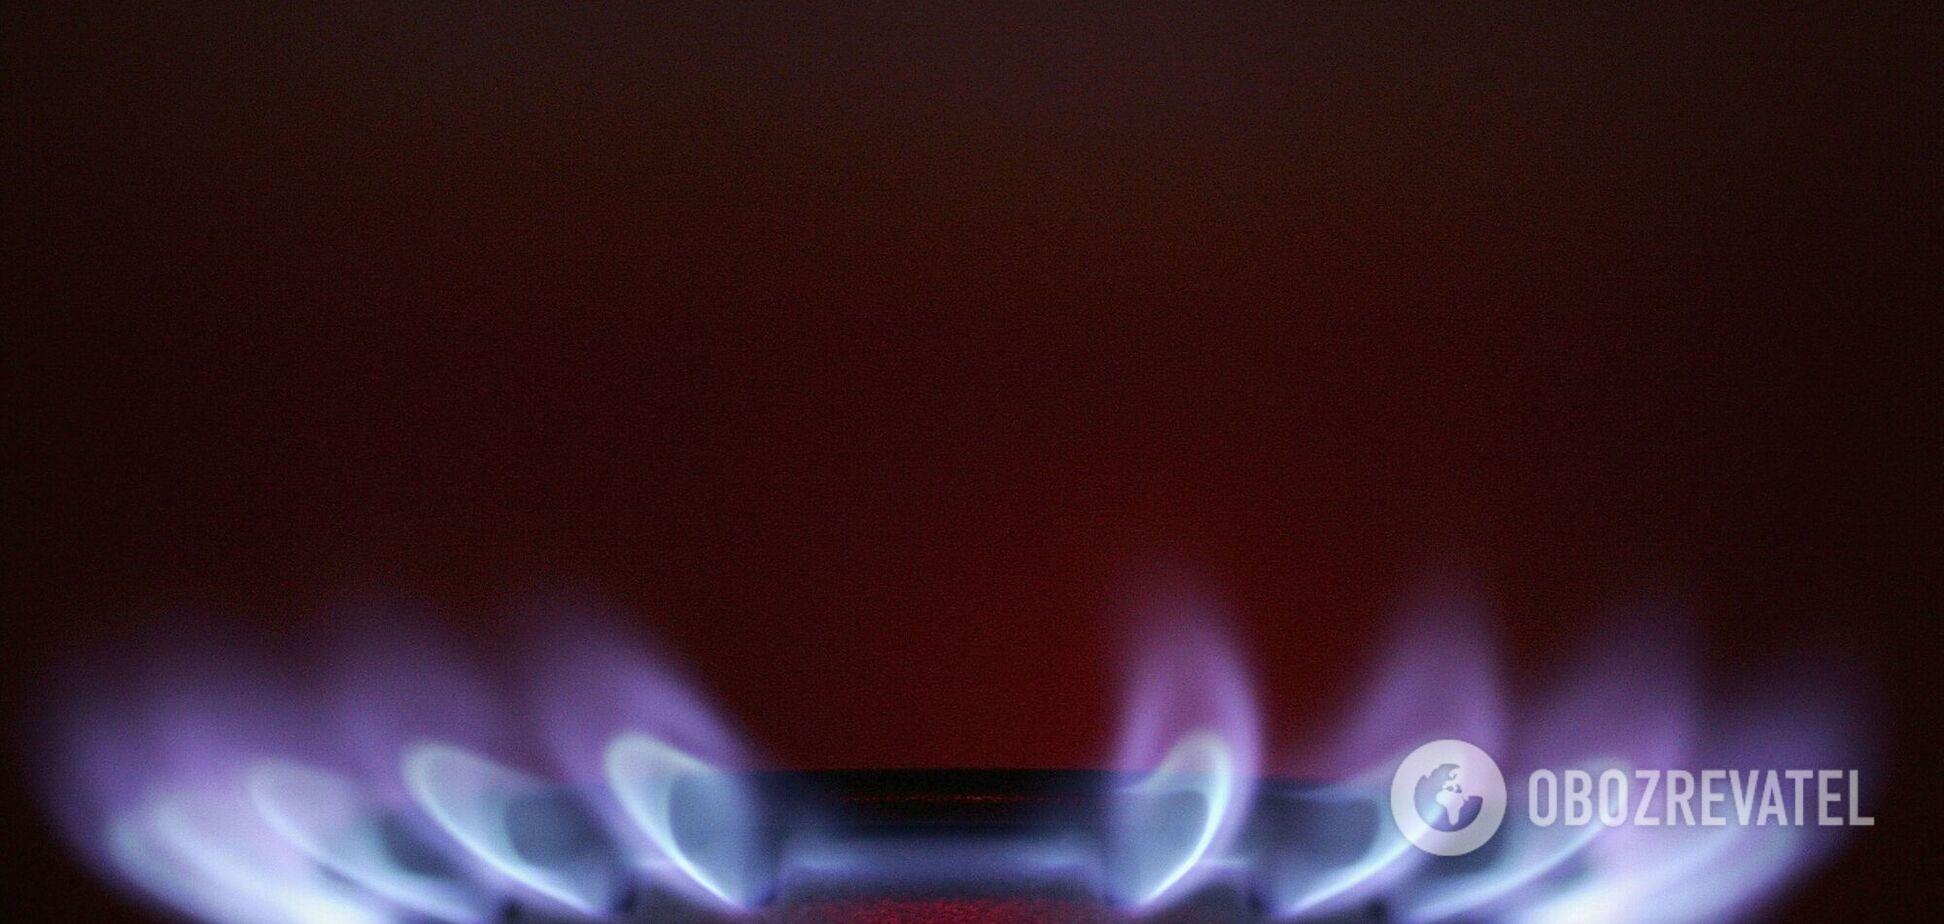 Украинцев переведут на годовые тарифы на газ: что будет с ценой